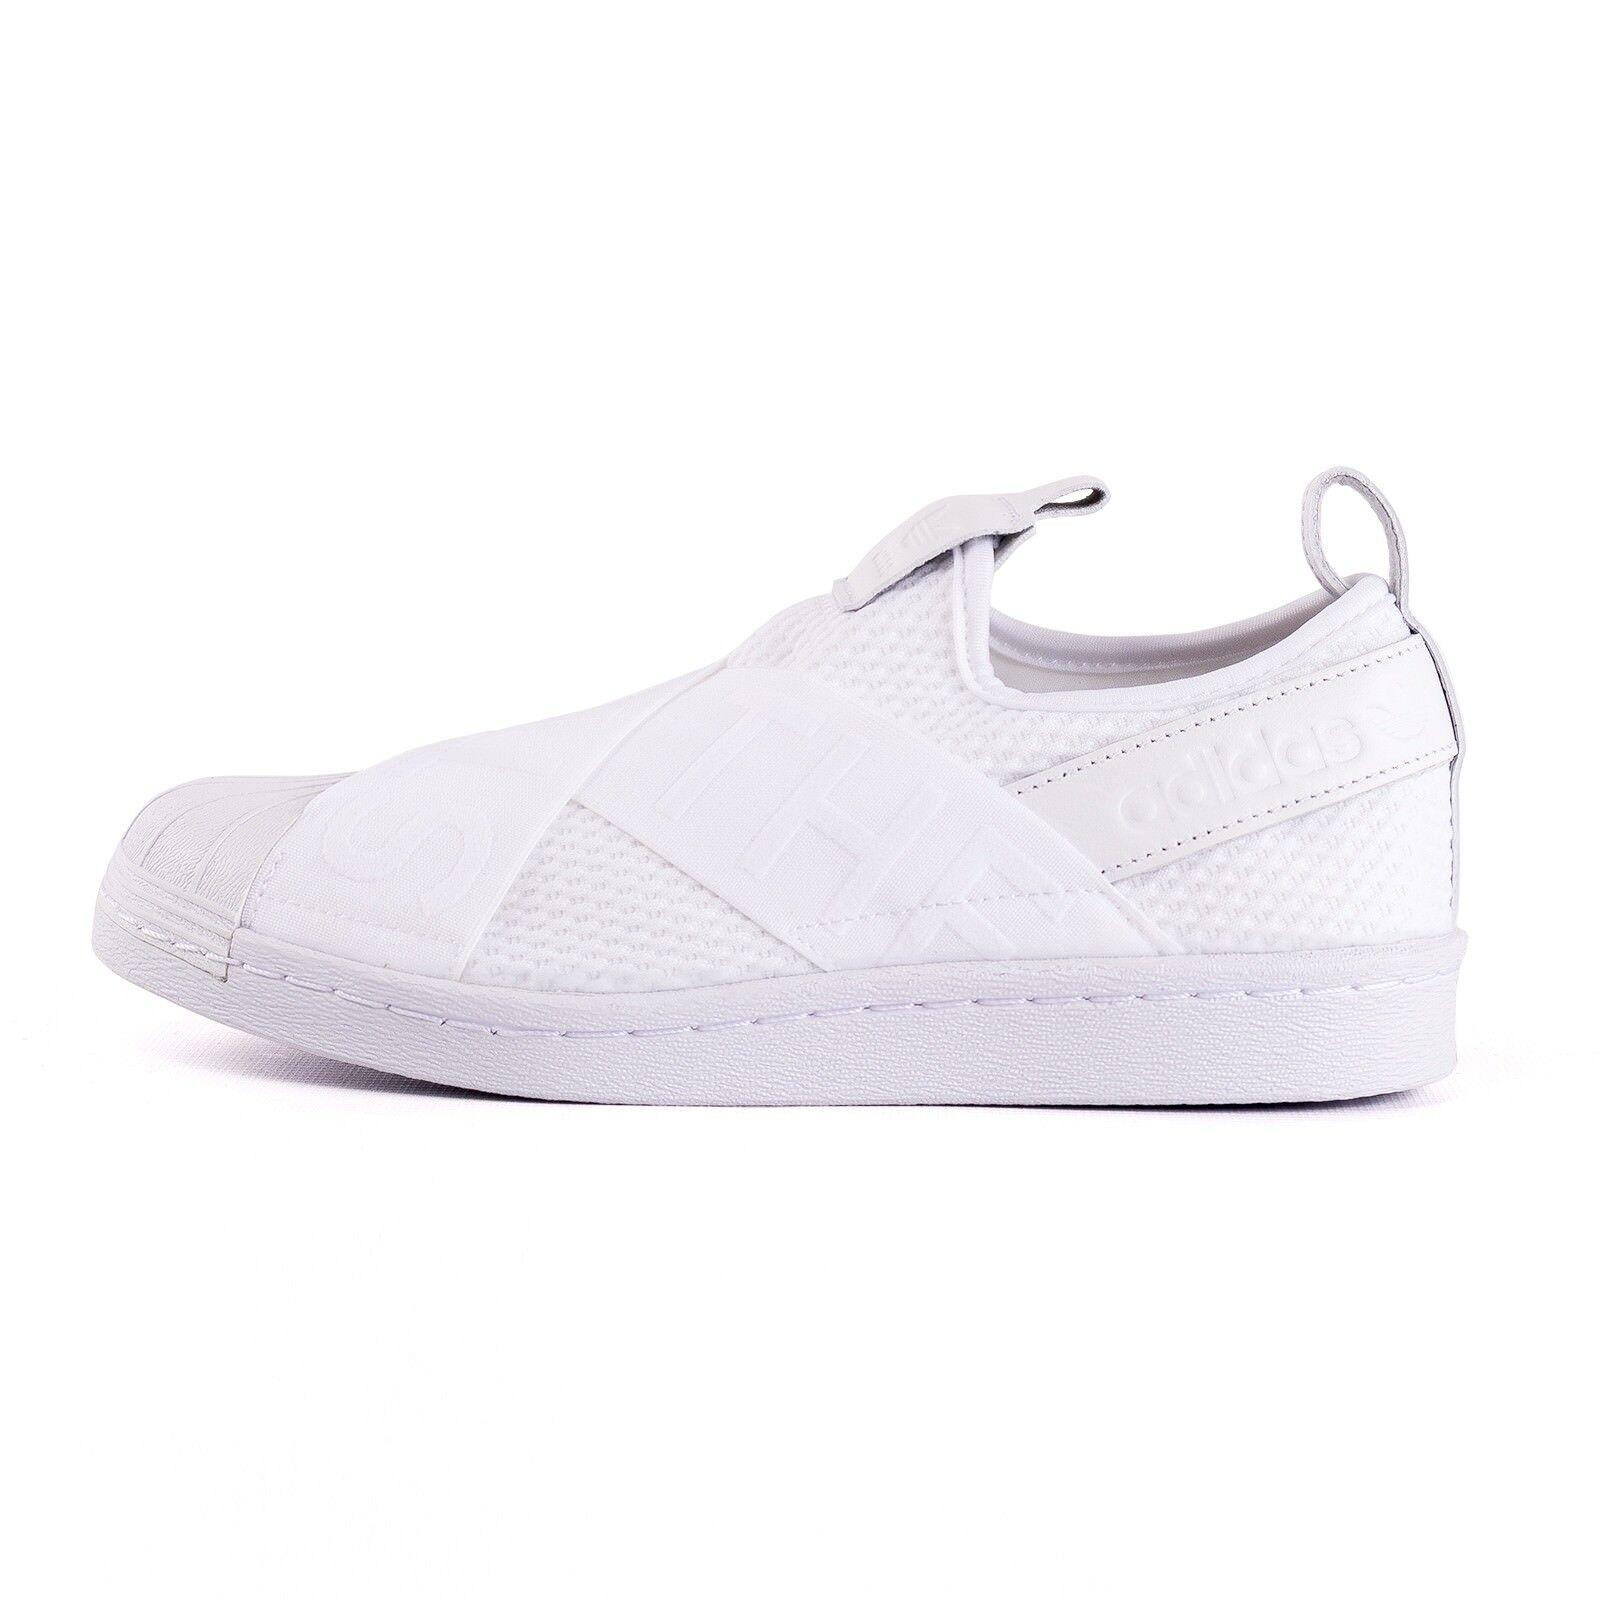 Adidas Superstar Slipon W Damenschuh Turnschuhe Gymnastikschuhe weiss 51364